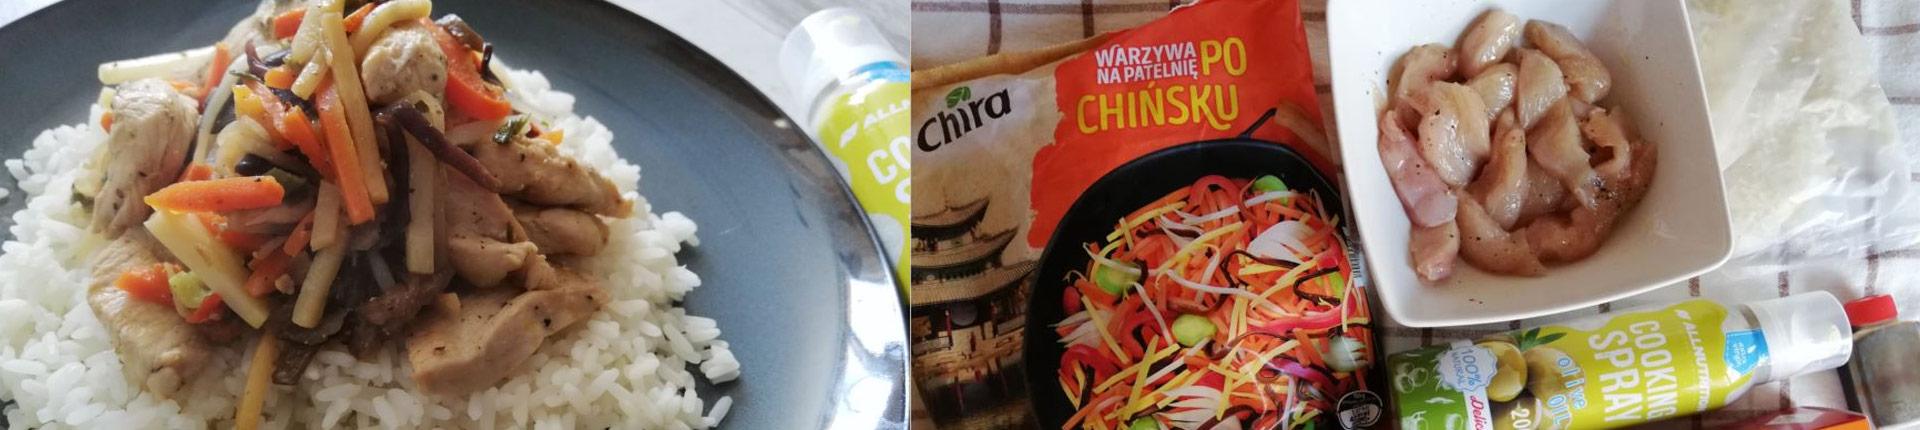 Obiad w 15 minut - kurczak po chińsku na ostro